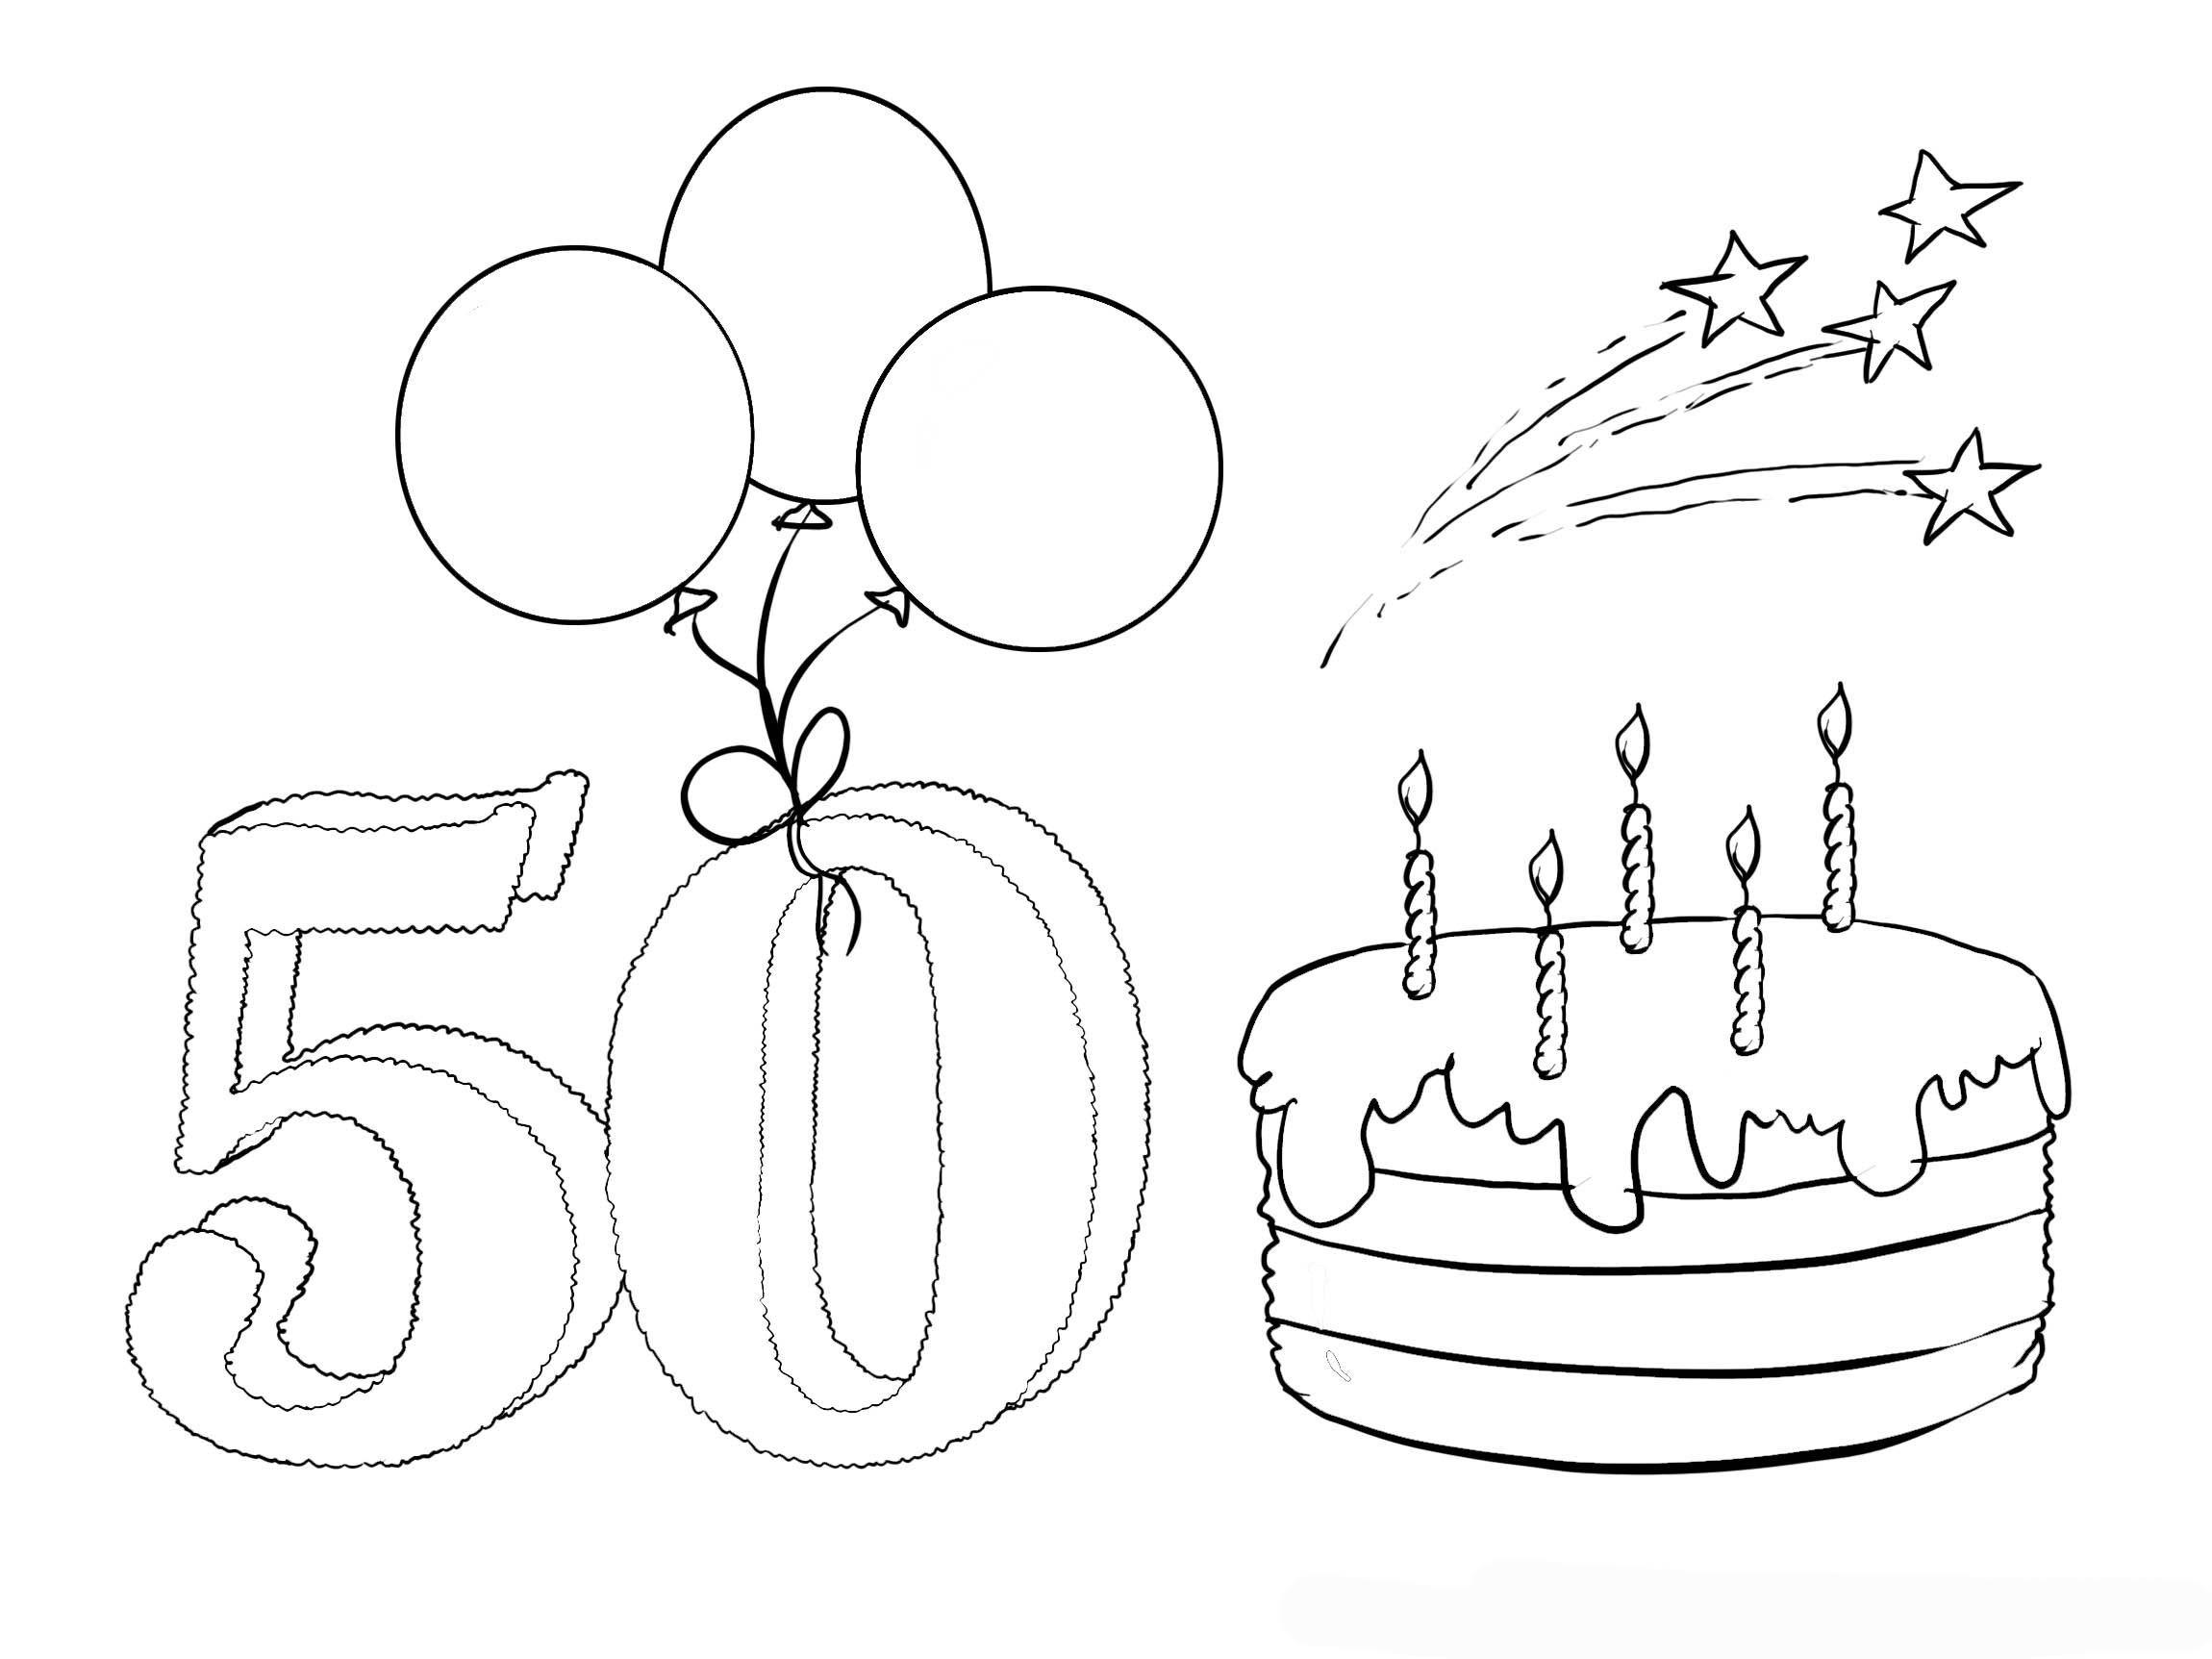 Ausmalbilder Angry Birds Frisch Ausmalbild Zum 50 Geburtstag Ausmalbilder Pinterest Bilder